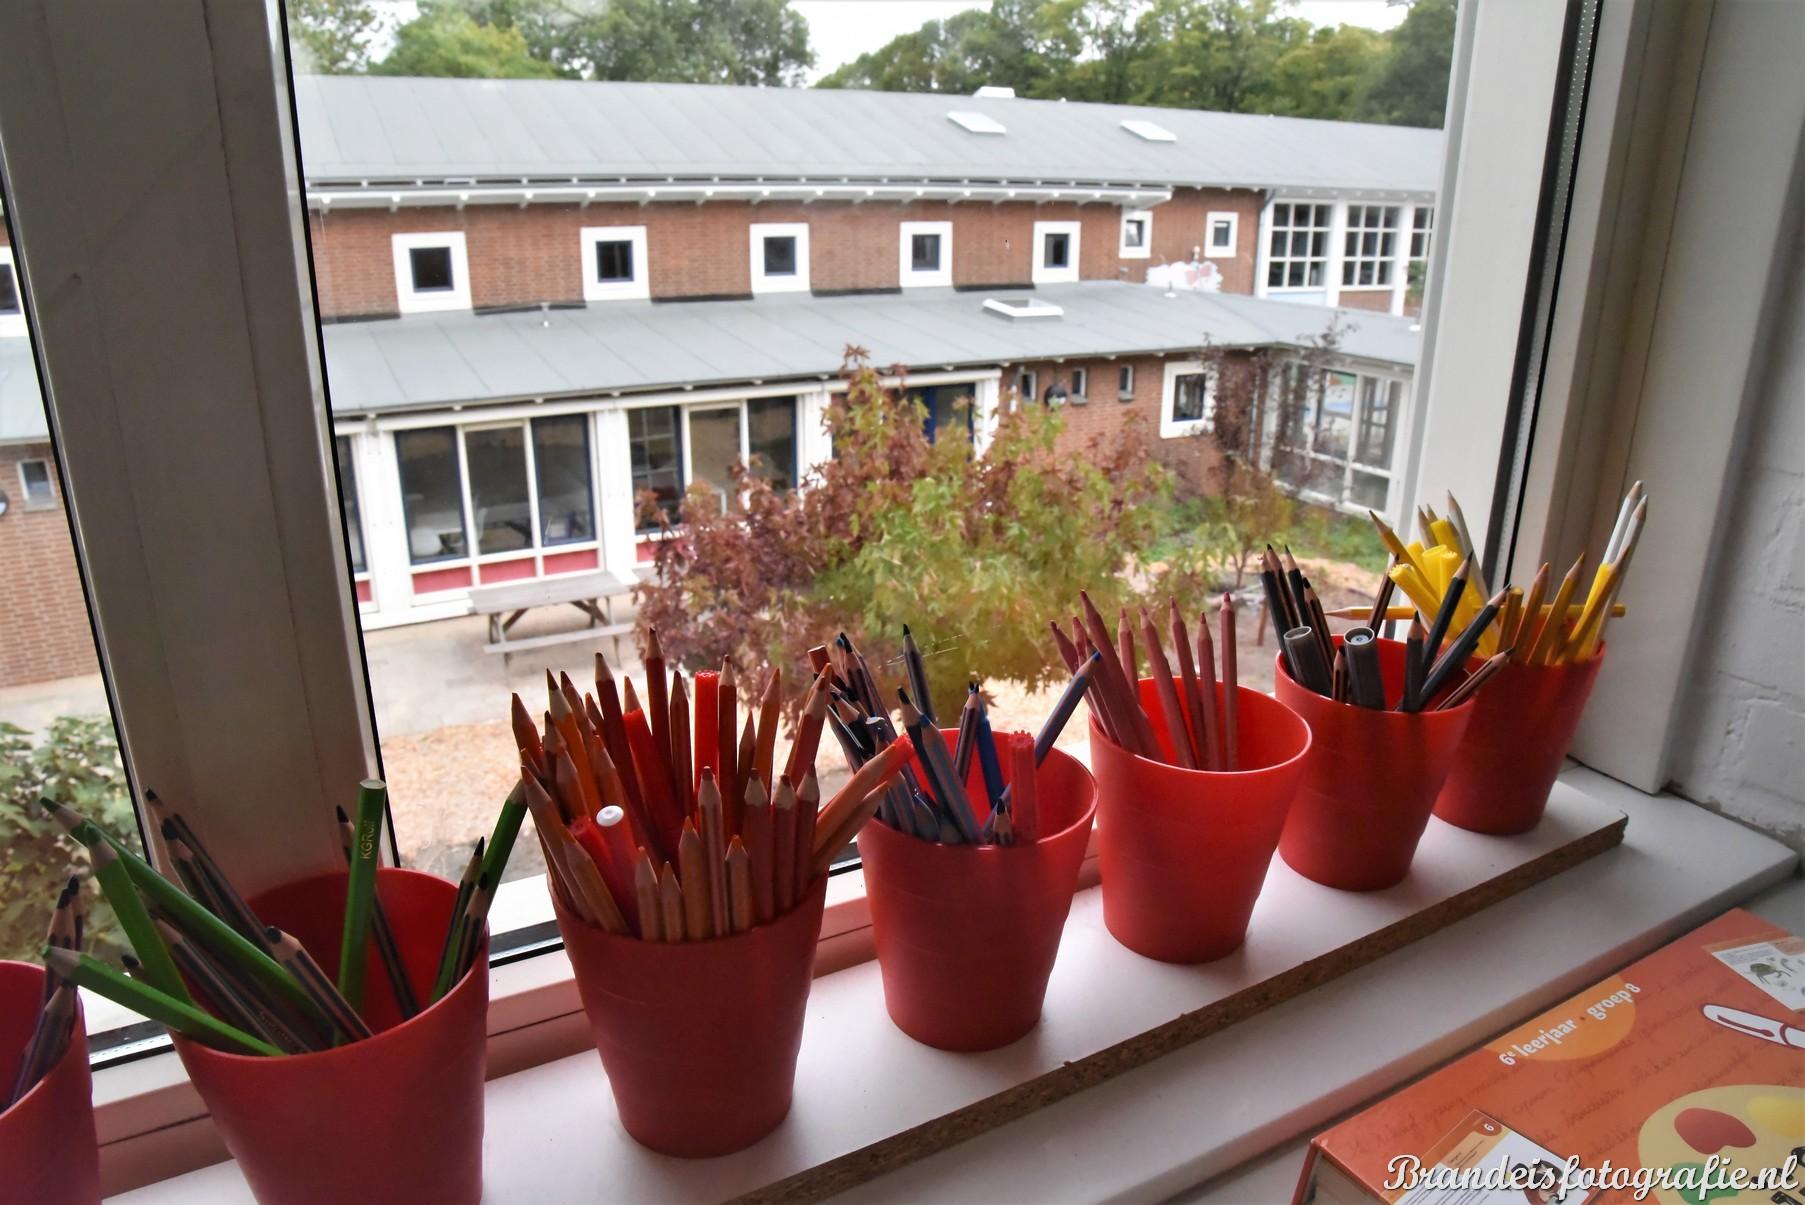 Slotermeerschool - Brandeisfotografie (7).jpg